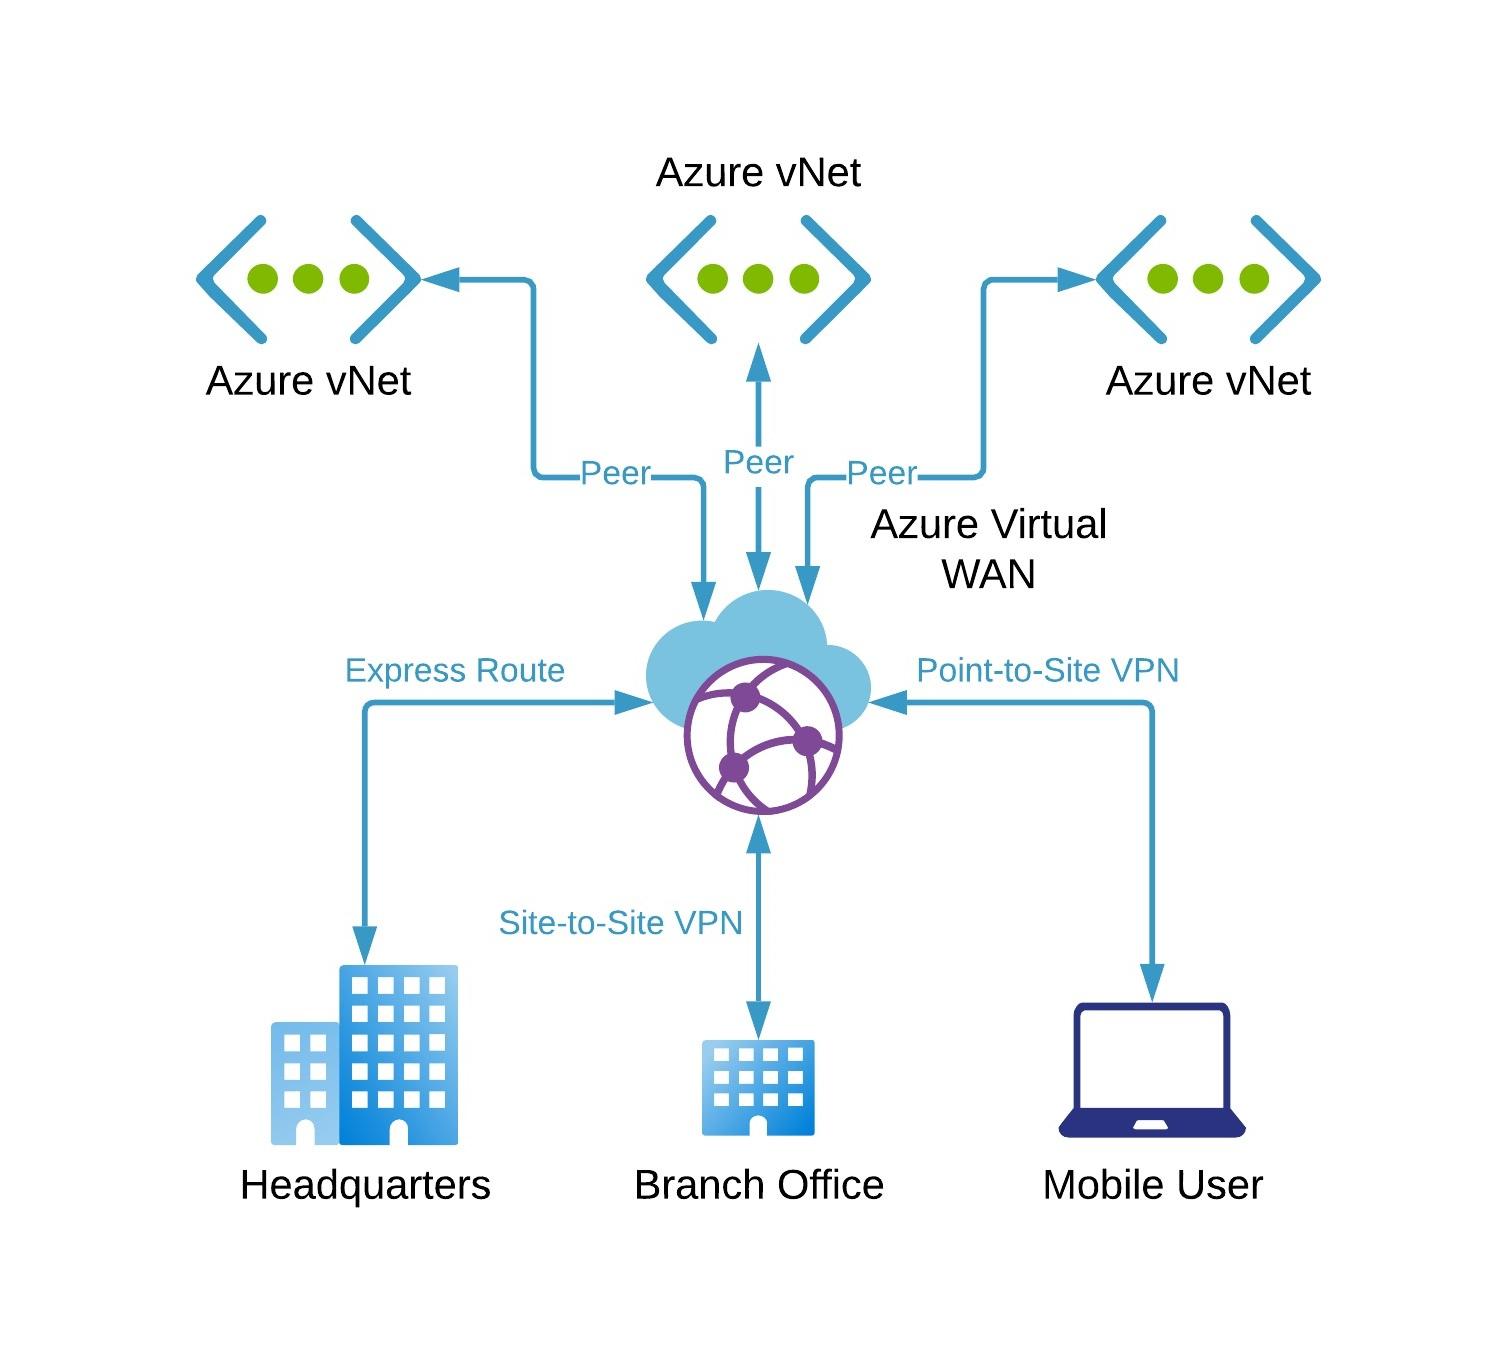 Azure Virtual WAN Overview